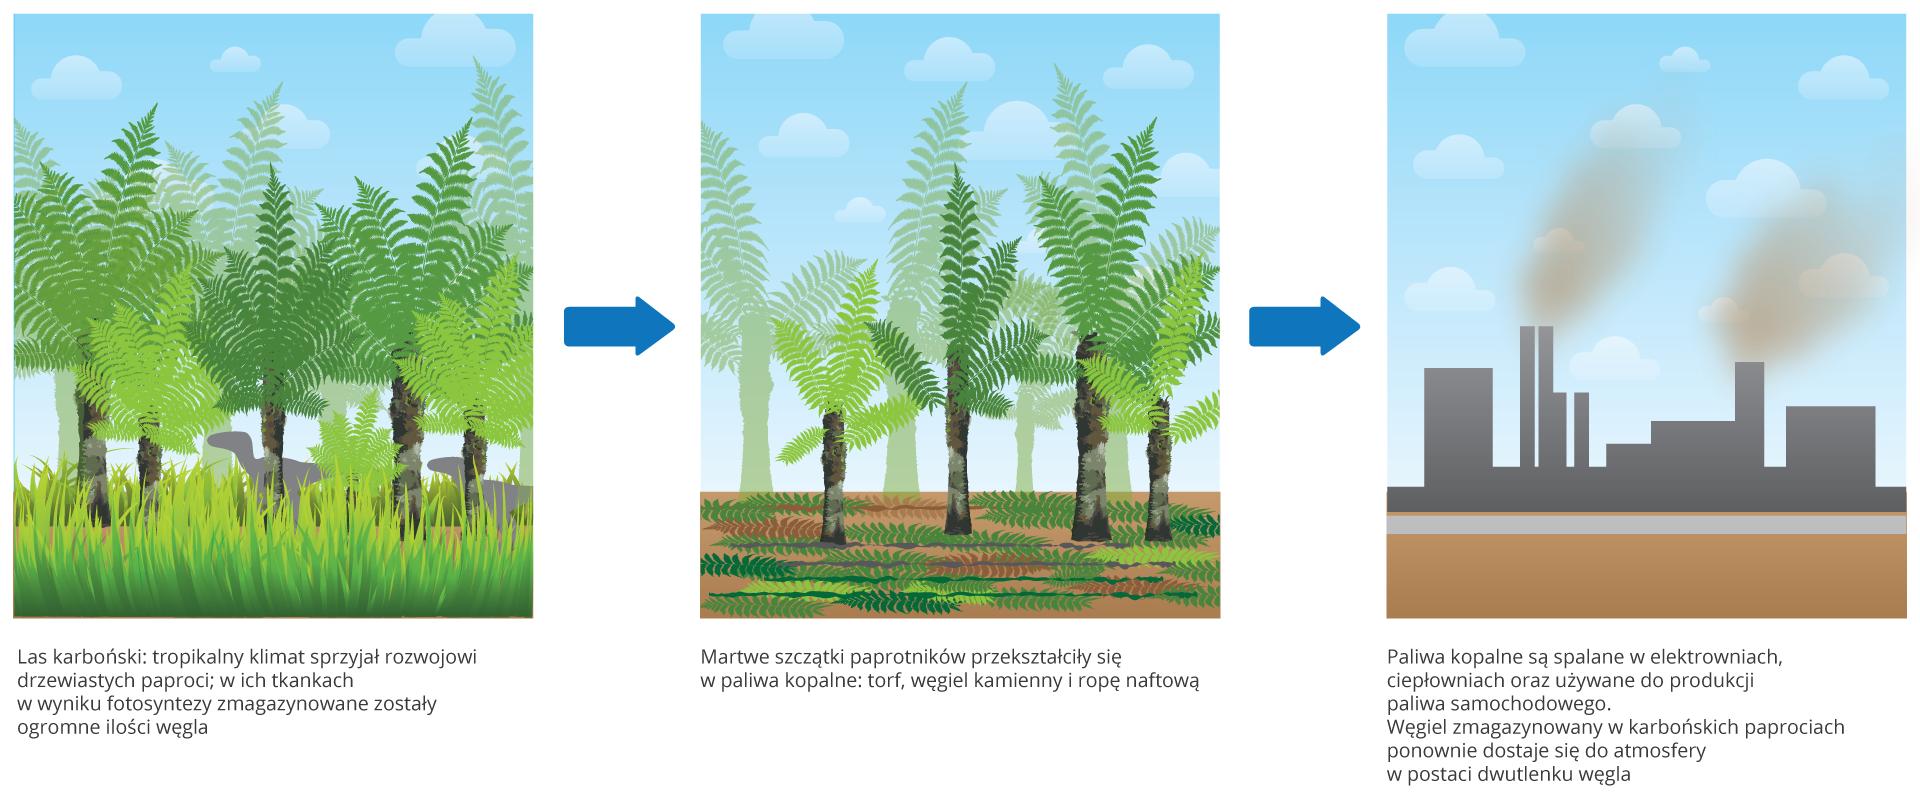 Ilustracja składa się ztrzech rysunków, ukazujących magazynowanie iuwalnianie dwutlenku węgla. Na pierwszym obrazku znajdują się zielone drzewiaste paprocie, między którymi wwysokiej trawie chodzą szare dinozaury. To las karboński. Rośliny wciepłym klimacie pobierają dwutlenek węgla zatmosfery iprowadzą intensywną fotosyntezę. Wich tkankach magazynowane są duże ilości węgla. * Drugi rysunek ukazuje tylko kilka żywych roślin. Szczątki pozostałych powoli przekształcają się wpaliwa kopalne: torf, węgiel brunatny ikamienny oraz ropę naftową. Na trzecim rysunku znajduje się szara fabryka. Zjej kominów wydostaje się bury dym. Paliwa kopalne są zużywane, azmagazynowany węgiel wpostaci dwutlenku węgla wraca do atmosfery.